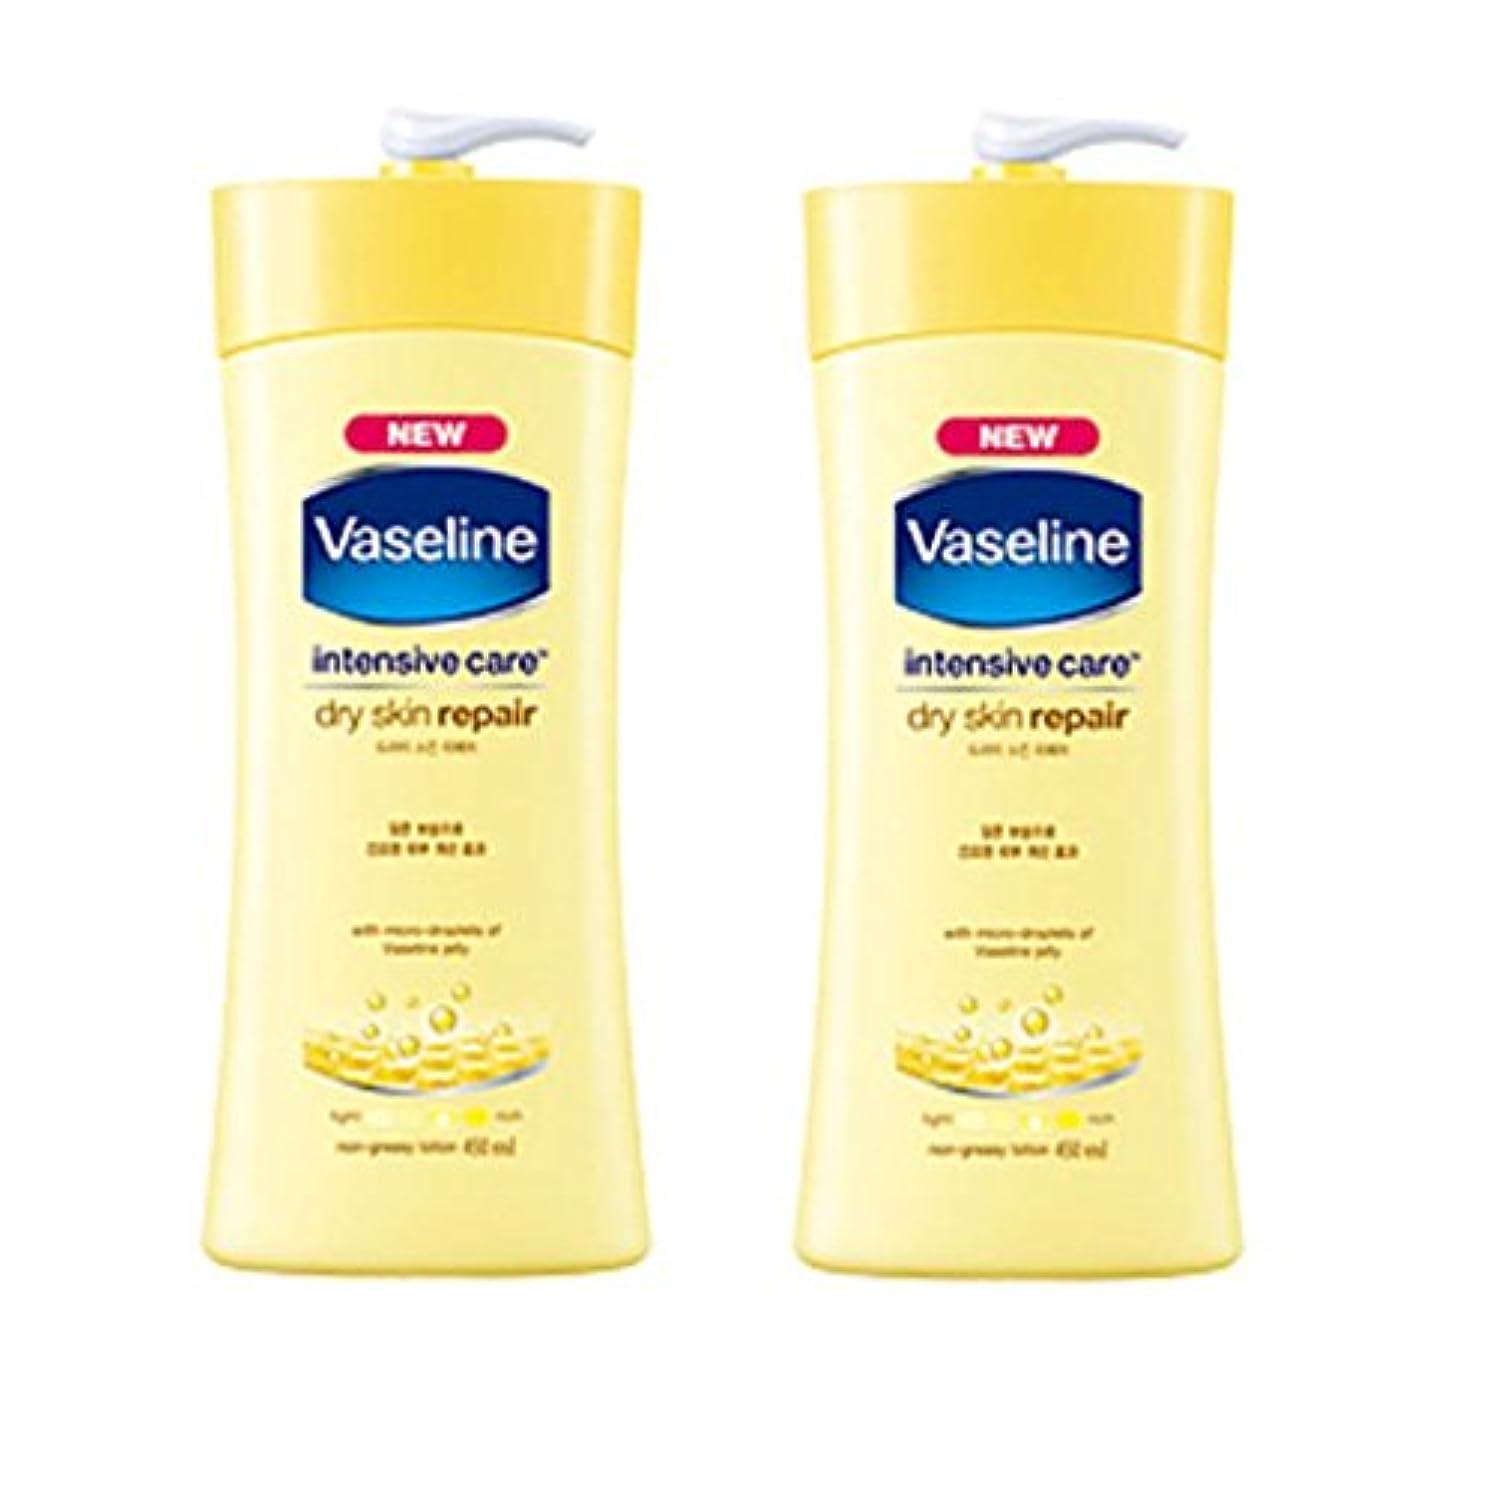 ヴァセリン インテンシブケア ドライスキン リペアローション(Vaseline Intensive Care Dry Skin Repair Lotion) 450ml X 2個 [並行輸入品]